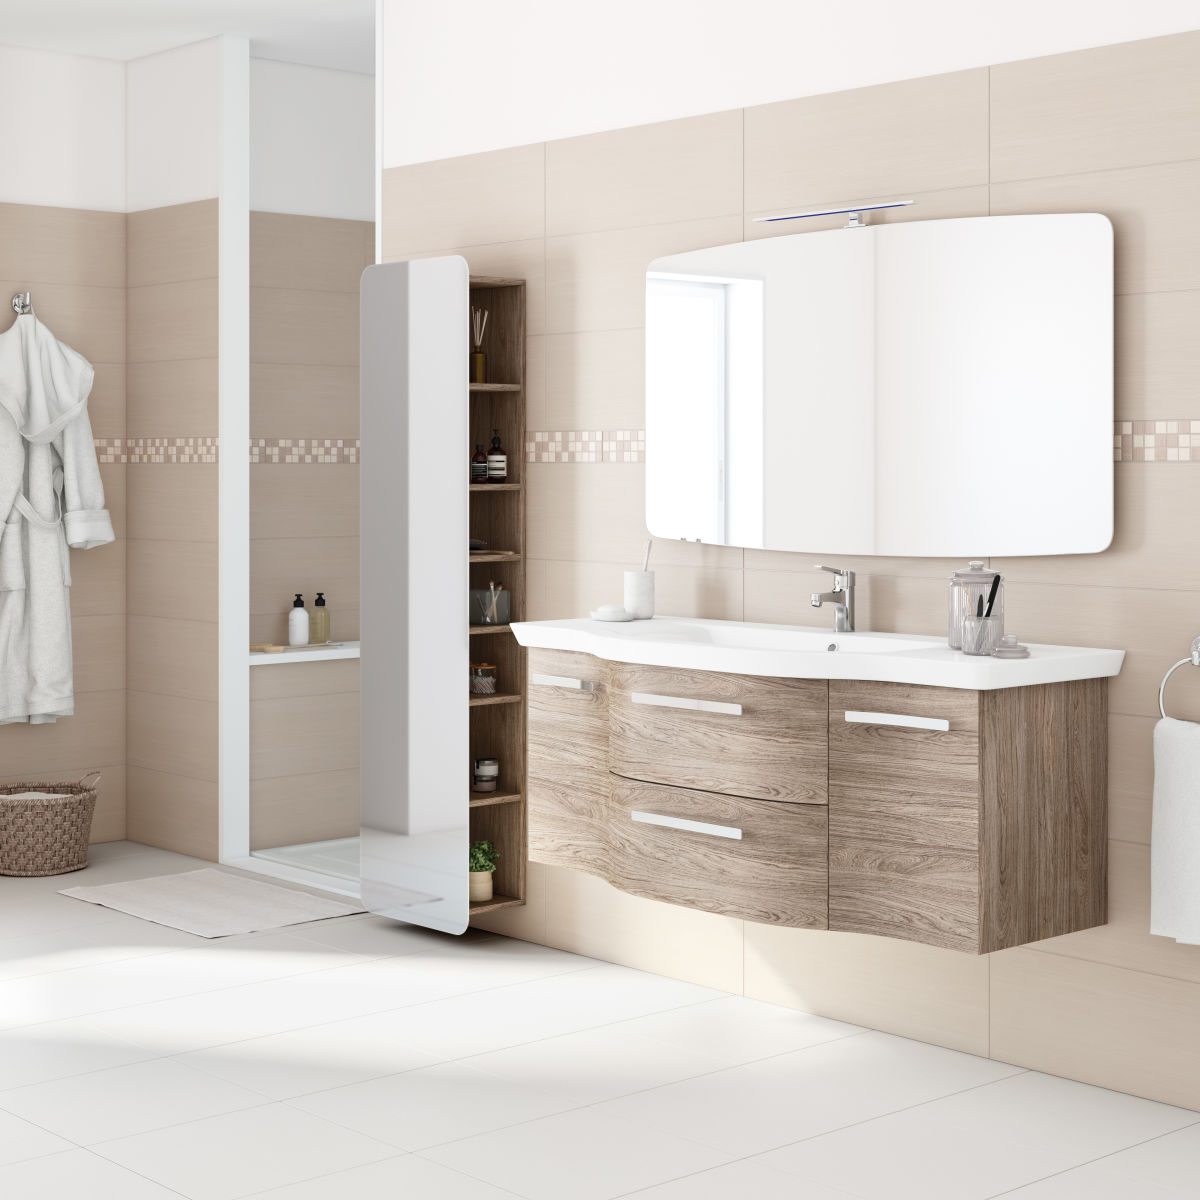 Mobile bagno contea rovere l 137 cm prezzi e offerte online - Mobiletto bagno da appendere ...